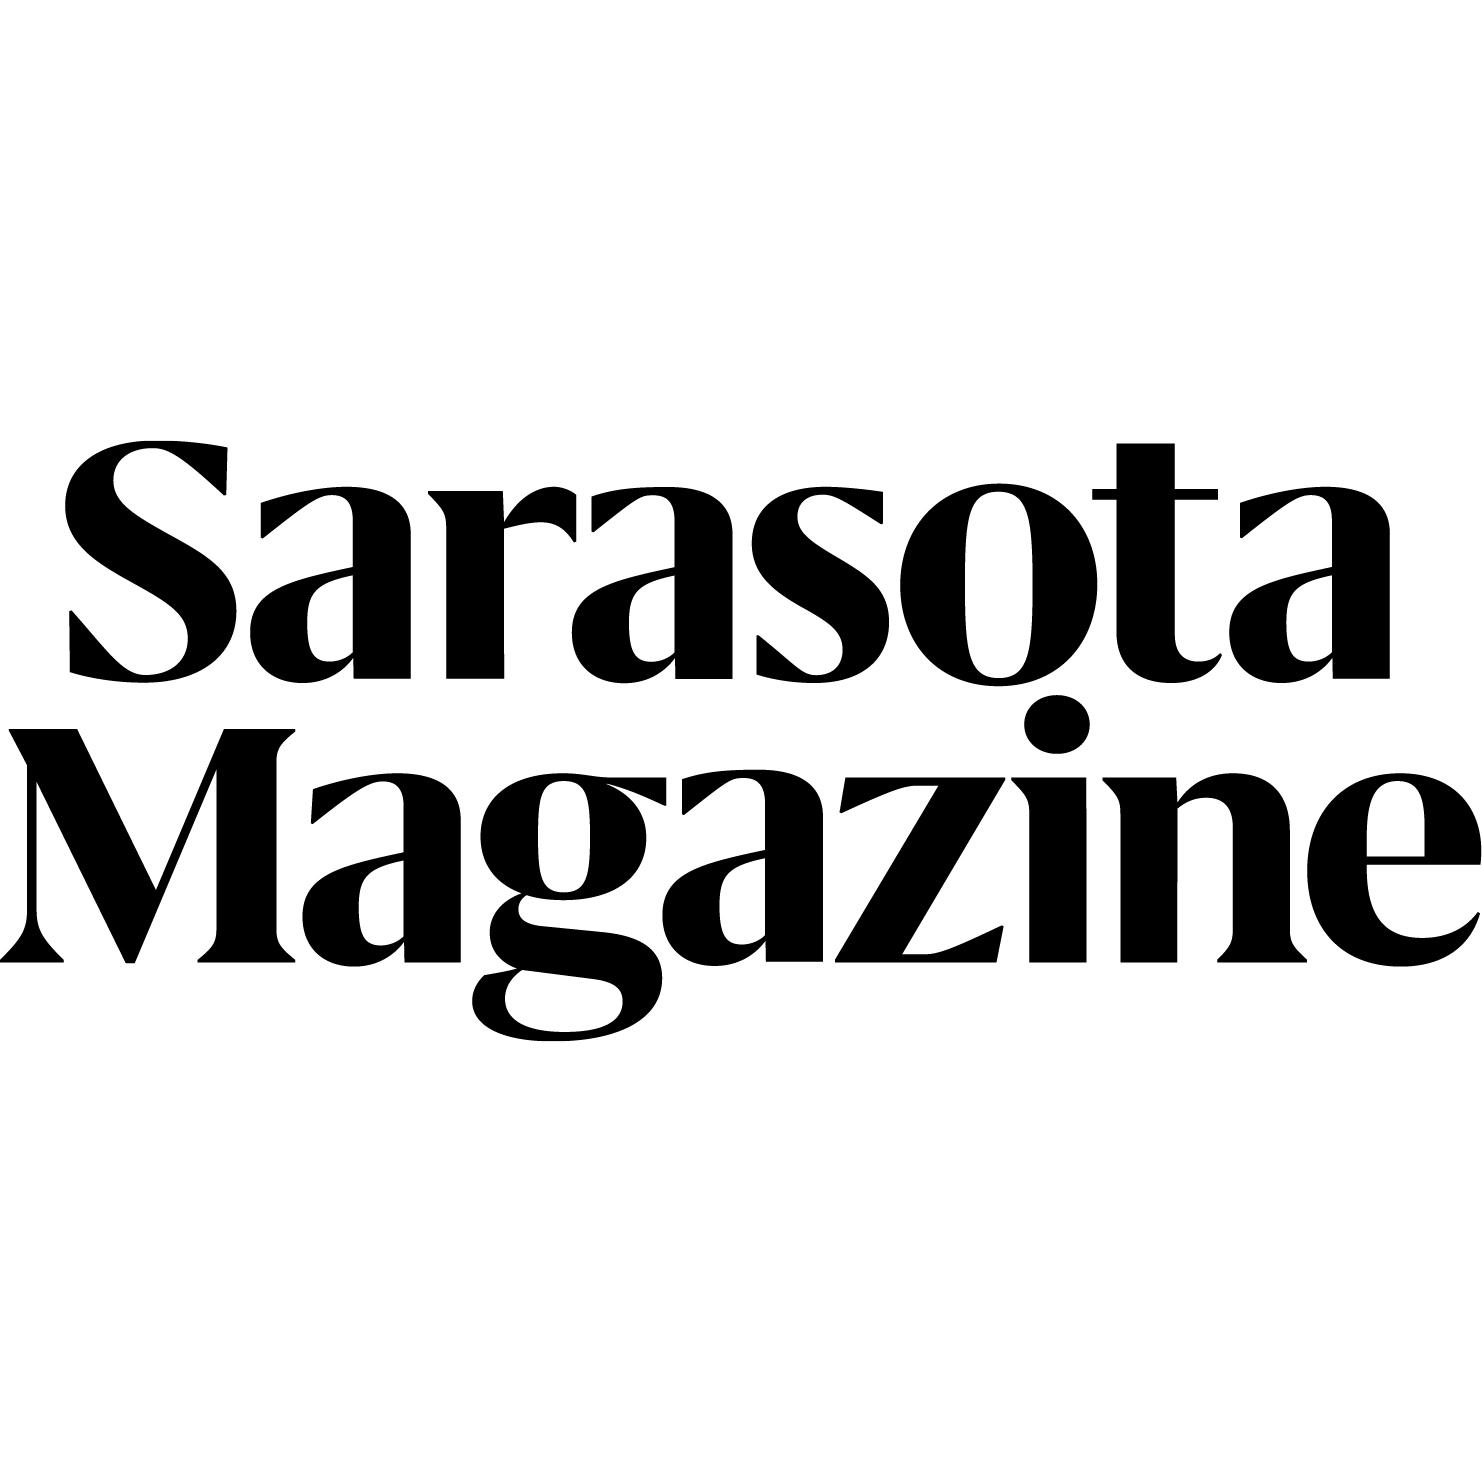 Sixth Annual Sarasota MOD Weekend Celebrates Sarasota in the Sixties